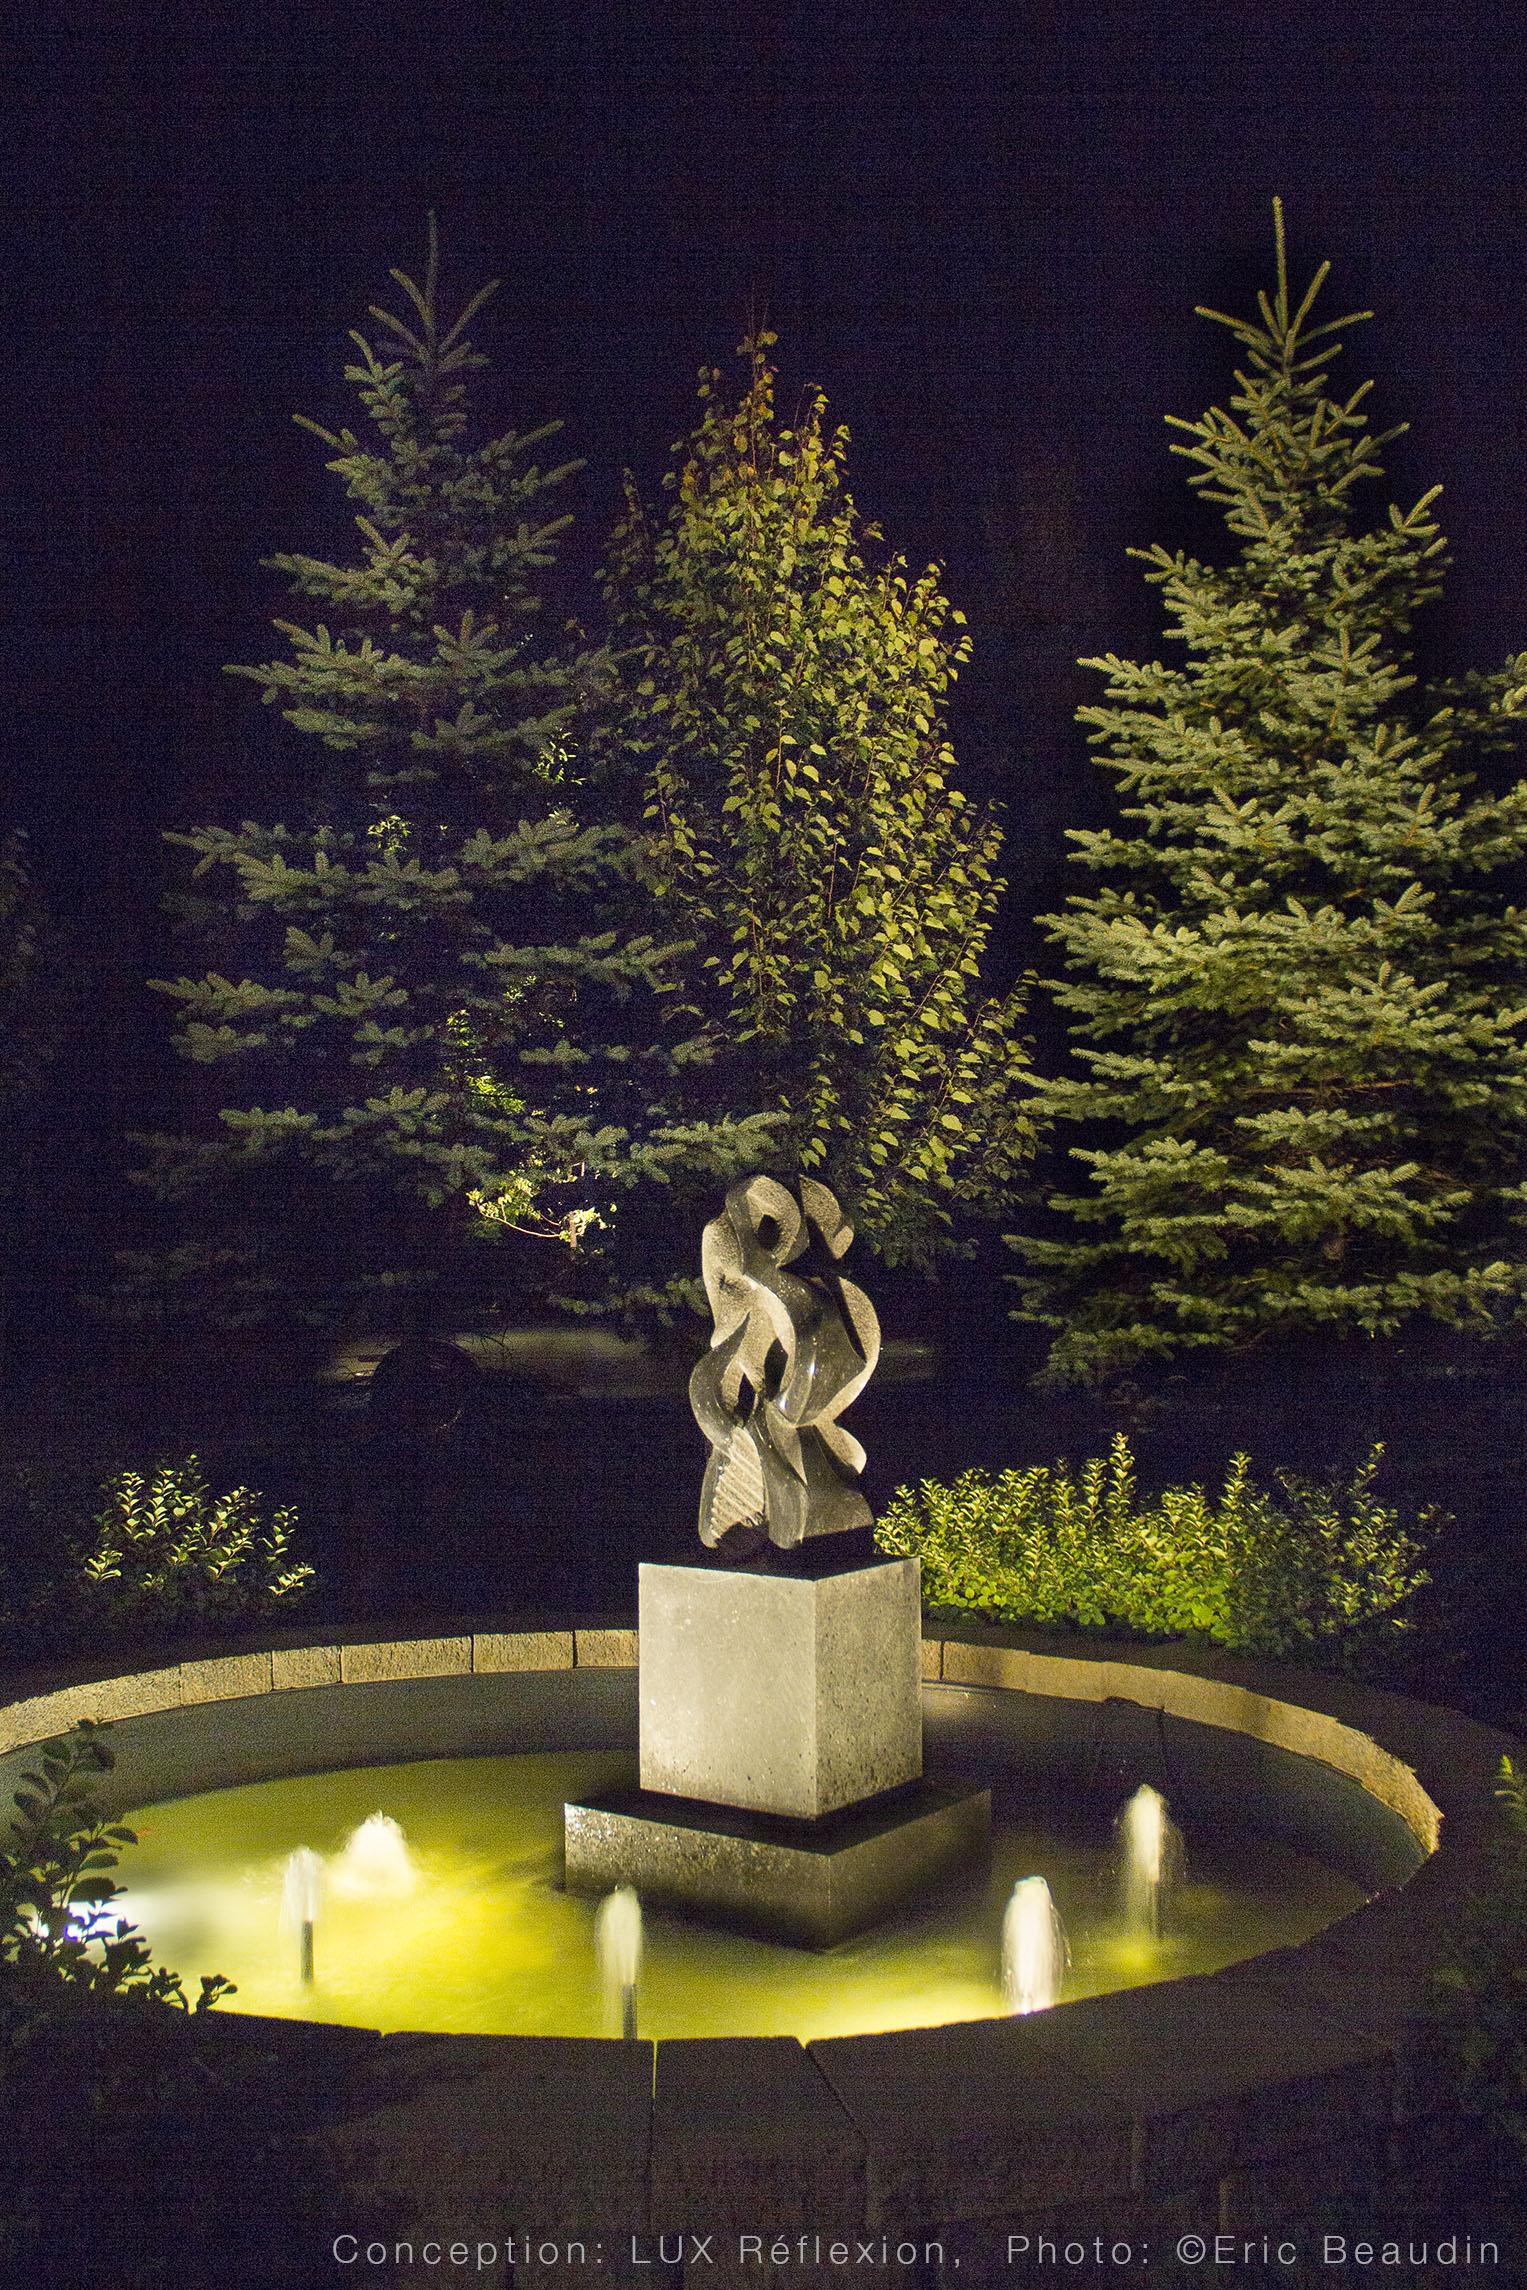 Éclairage d'oeuvres d'art, sculpture et fontaine